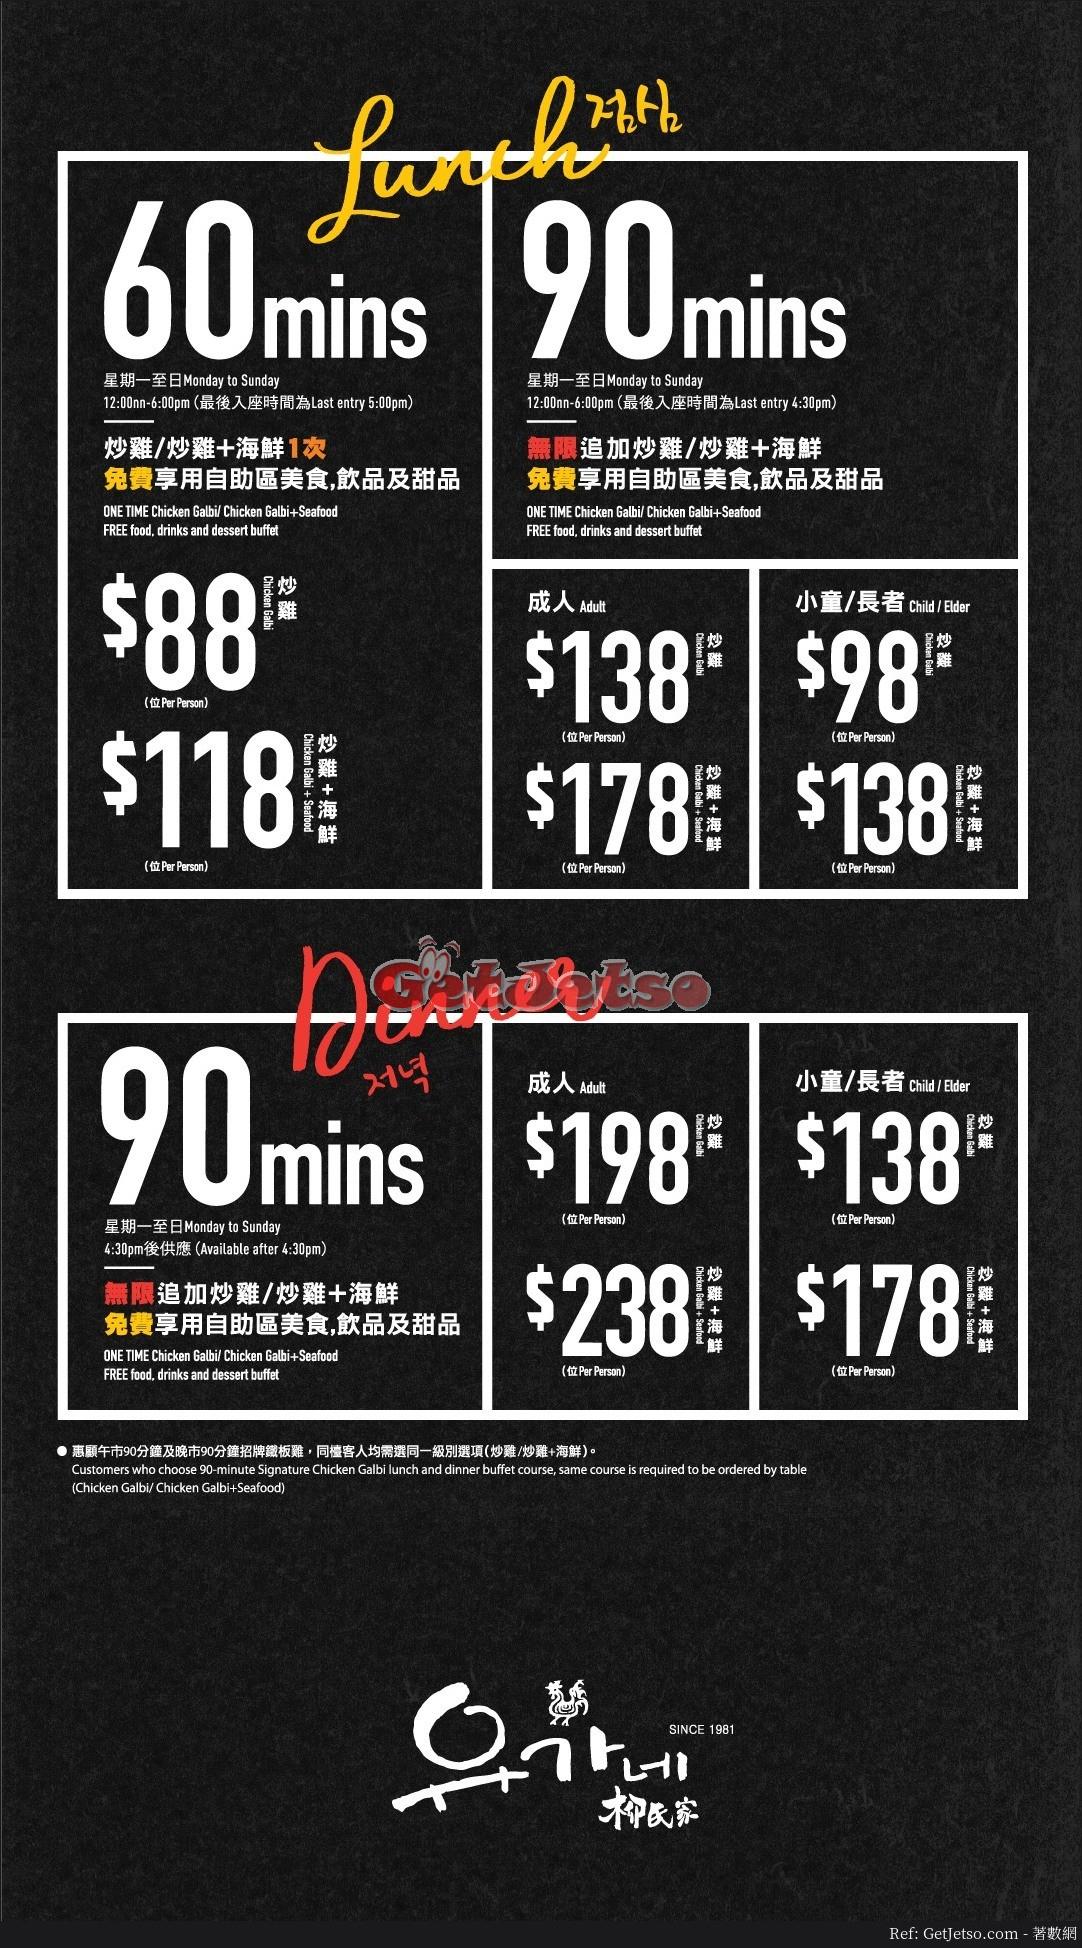 柳氏家鐵板雞專門店低至炒雞放題優惠@沙田新城市廣場(至17年5月31日)圖片1